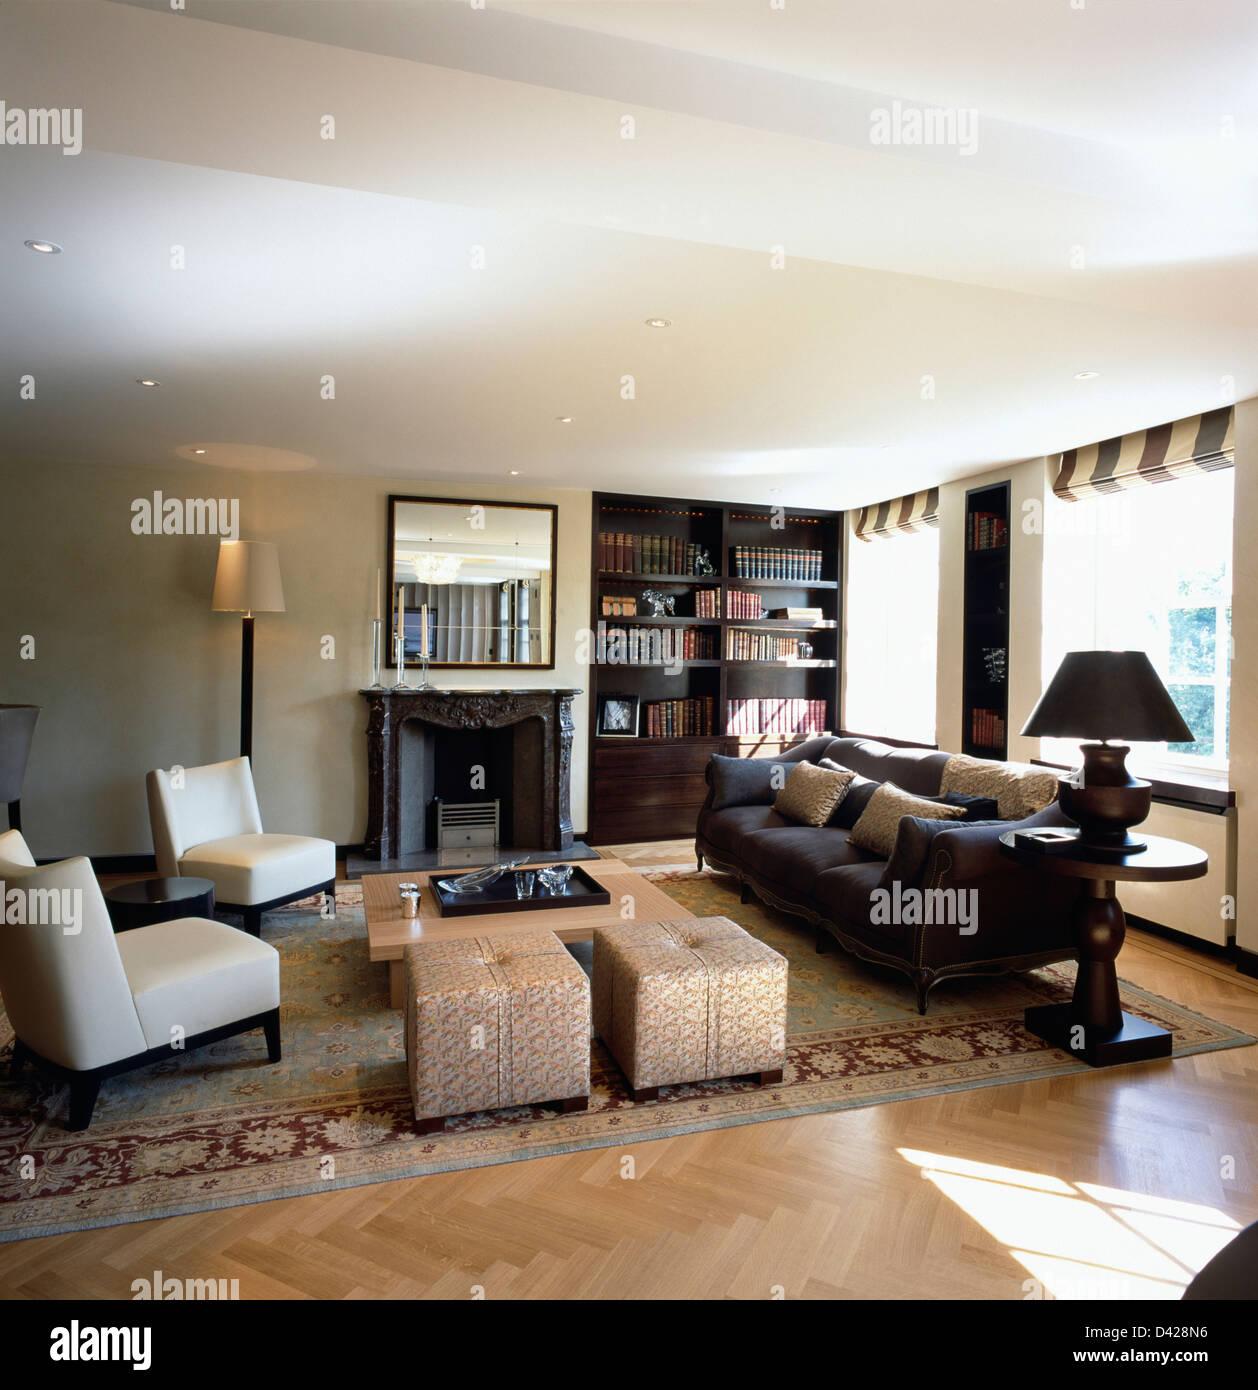 Soggiorno Con Divano Grigio Scuro grigio scuro divano e sedie di pelle bianca con sgabelli